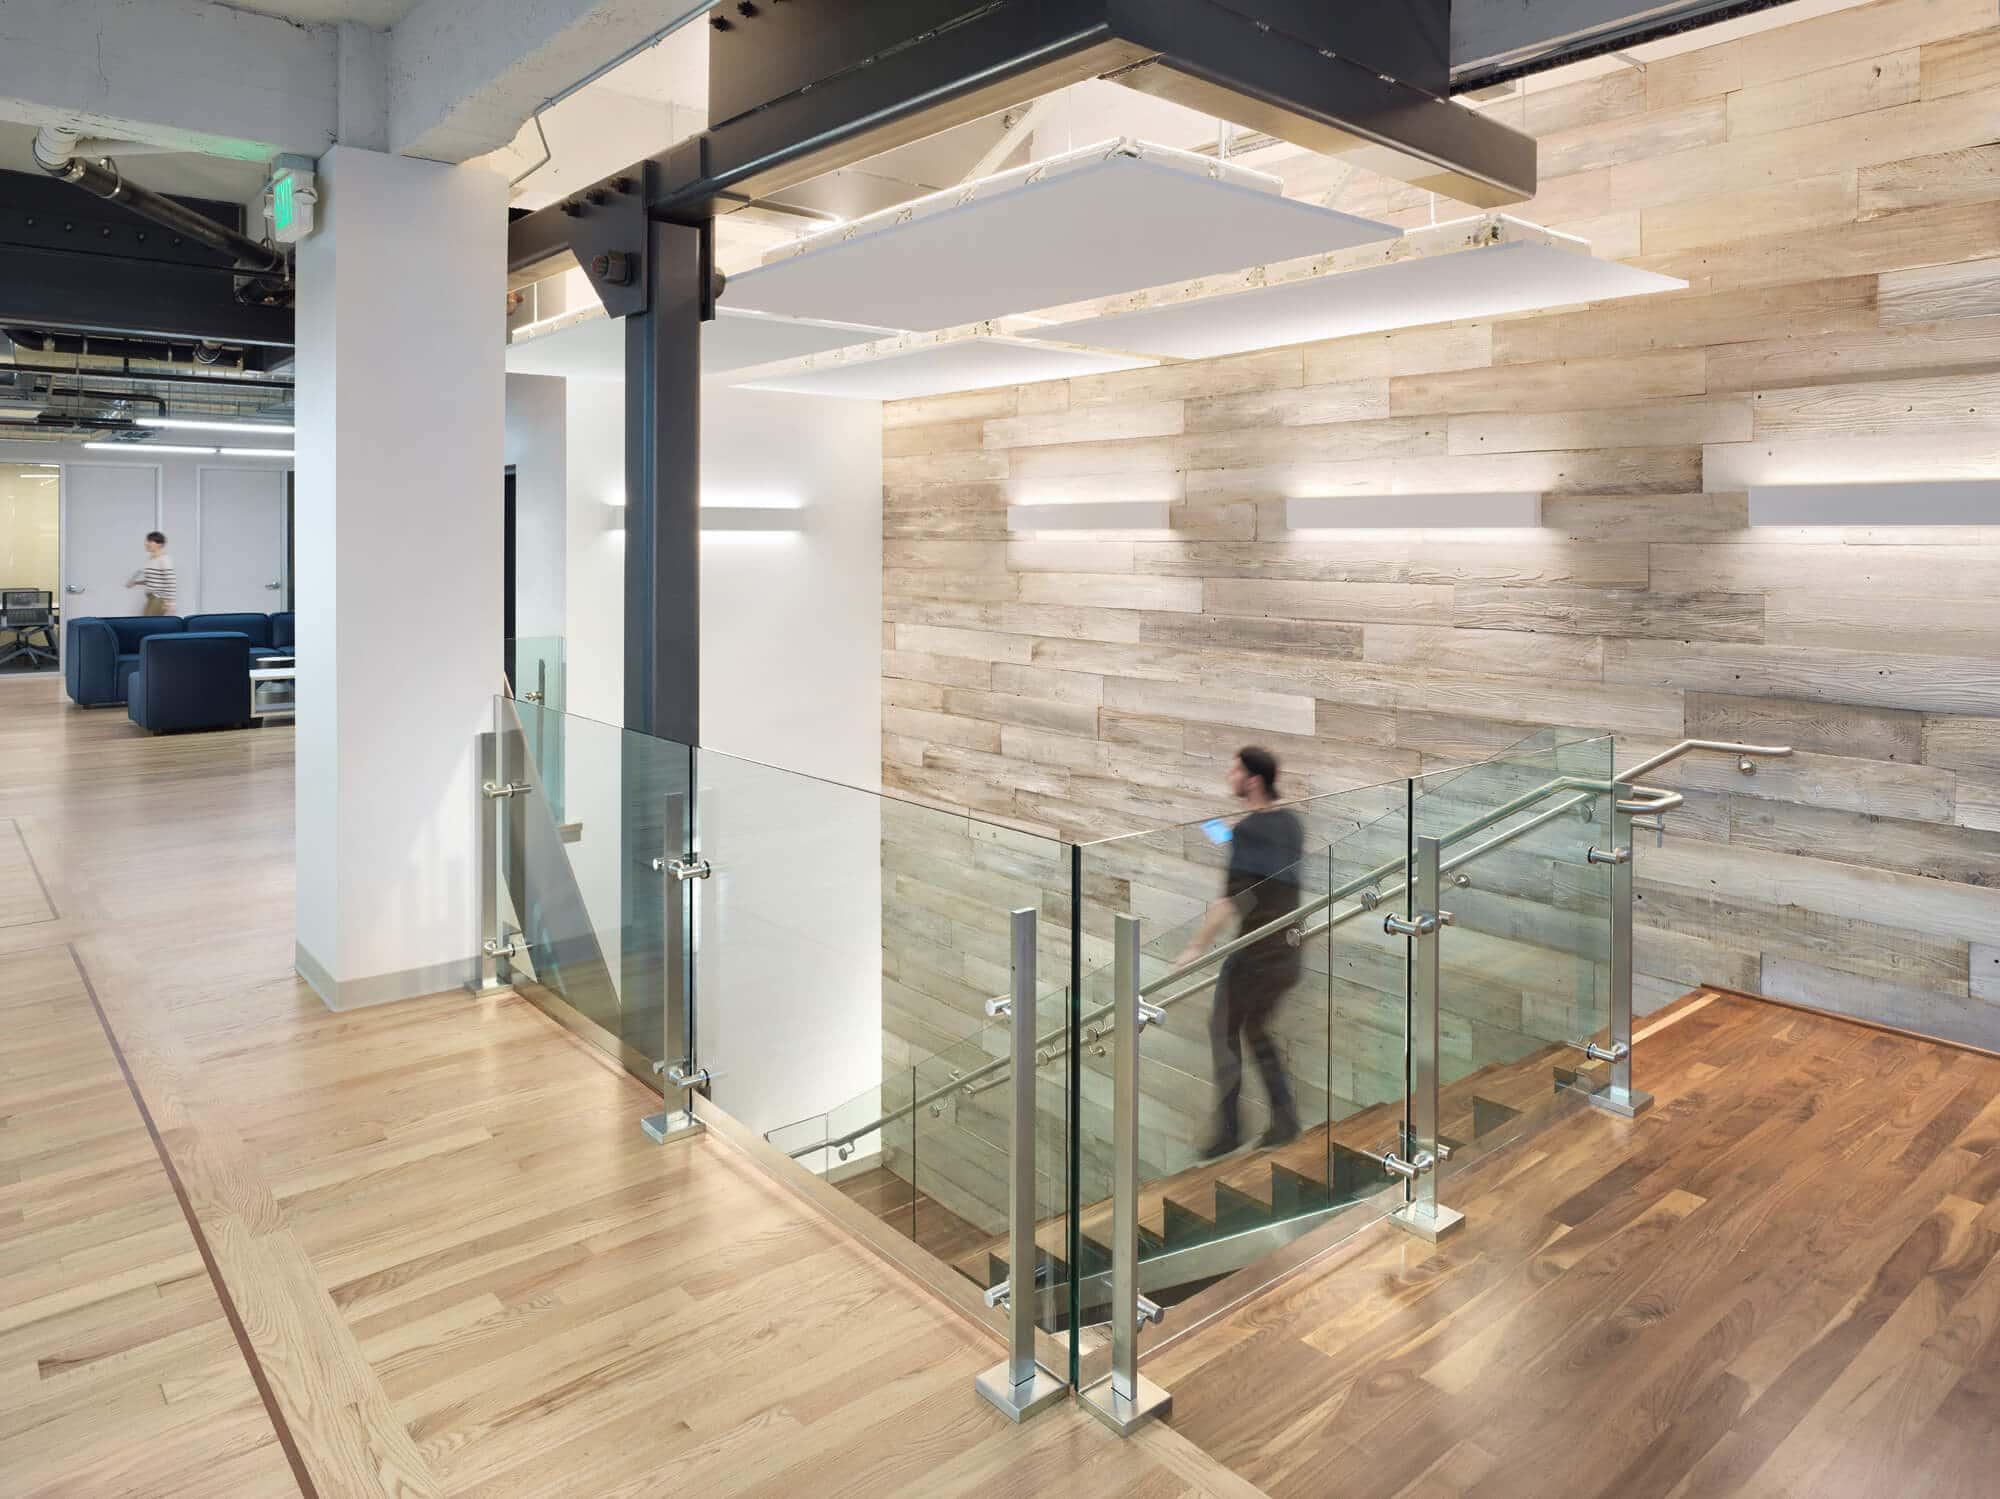 tenant improvement of PicsArt in San Francisco Image 7